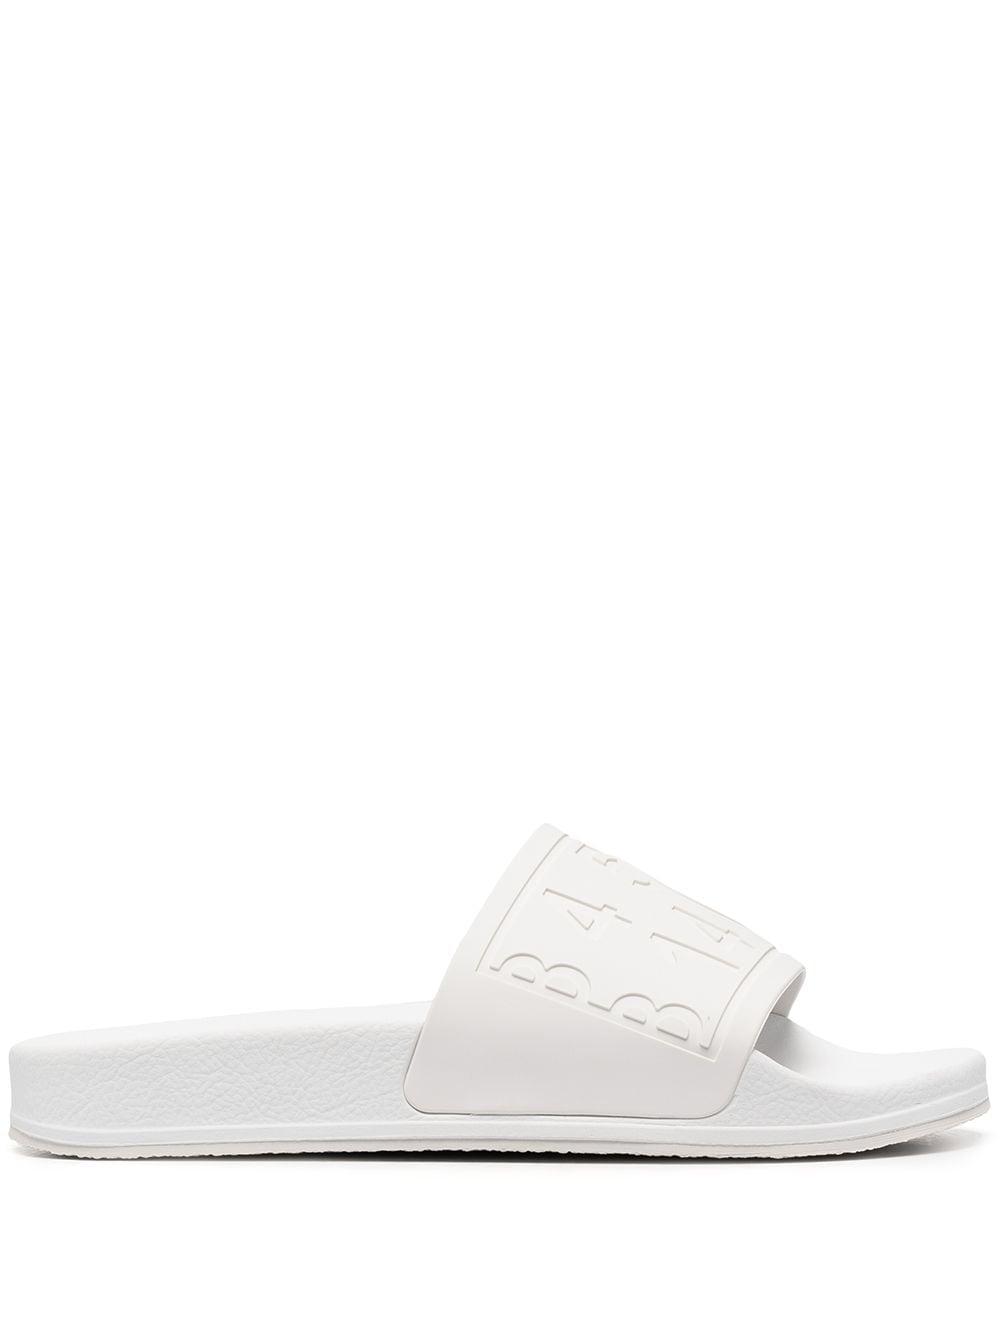 MM6 Maison Margiela logo embossed slide slippers - Weiß